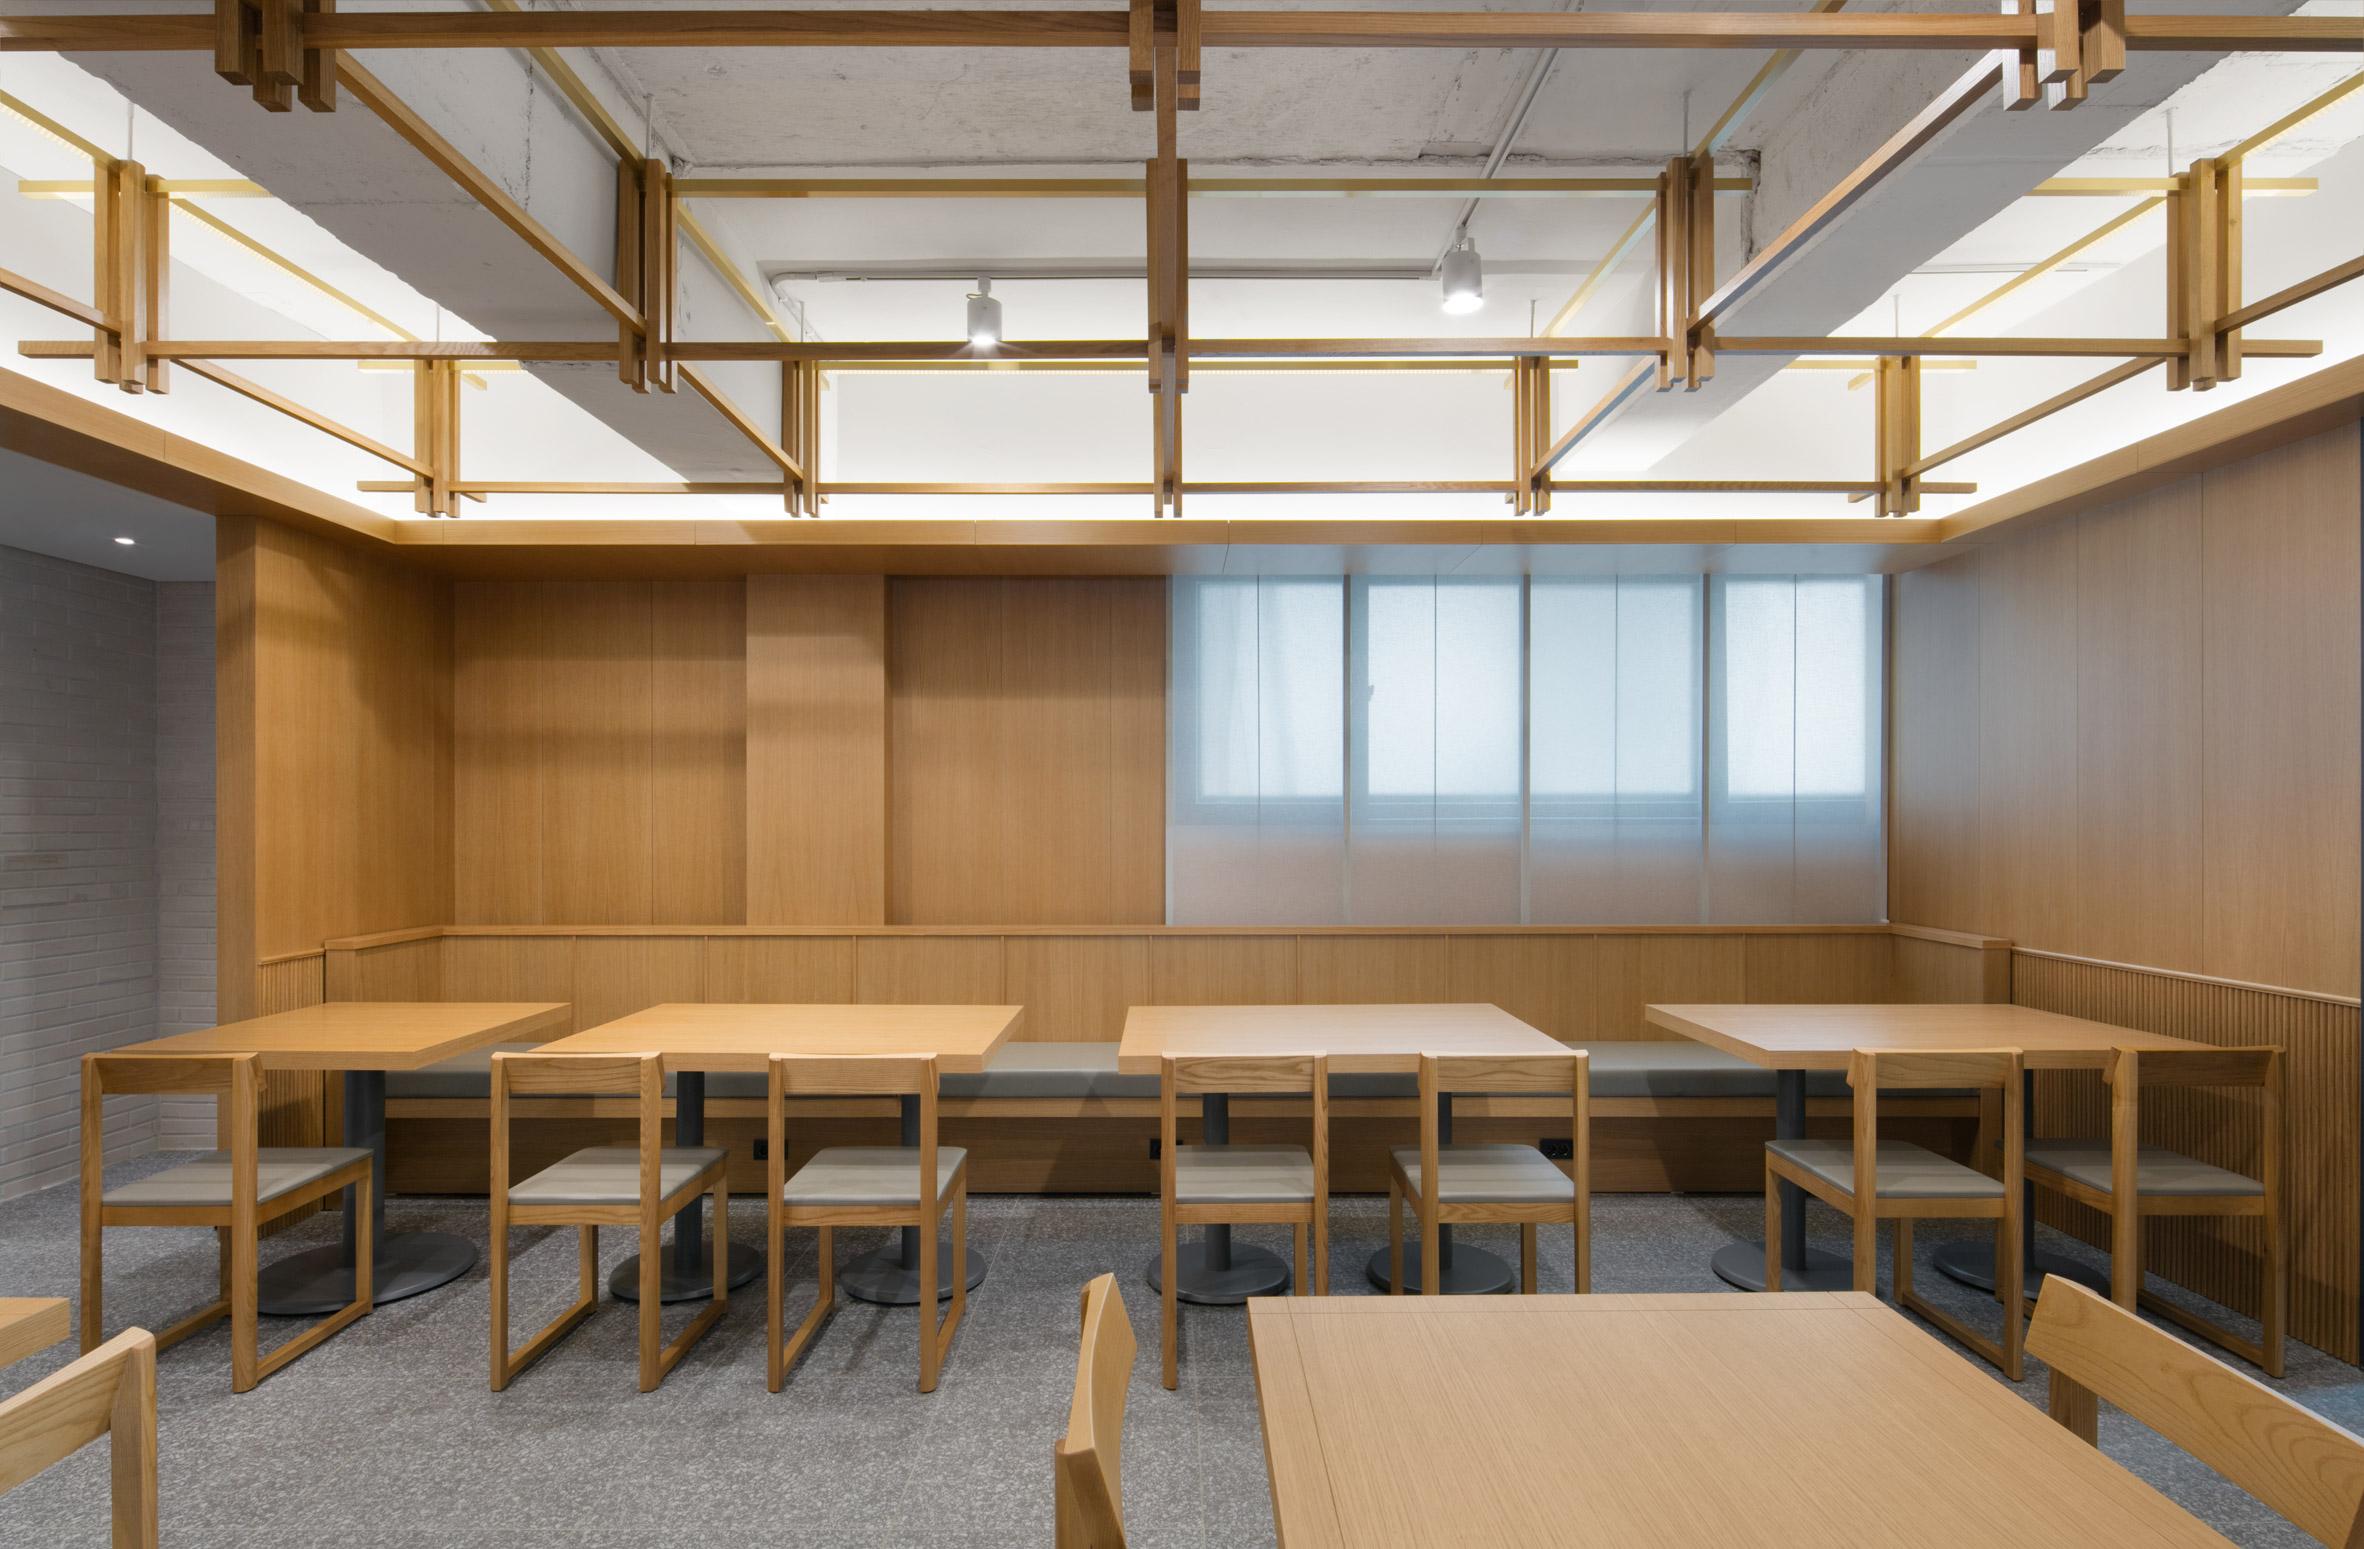 Thiết kế nội thất nhà hàng hàn quốc 12